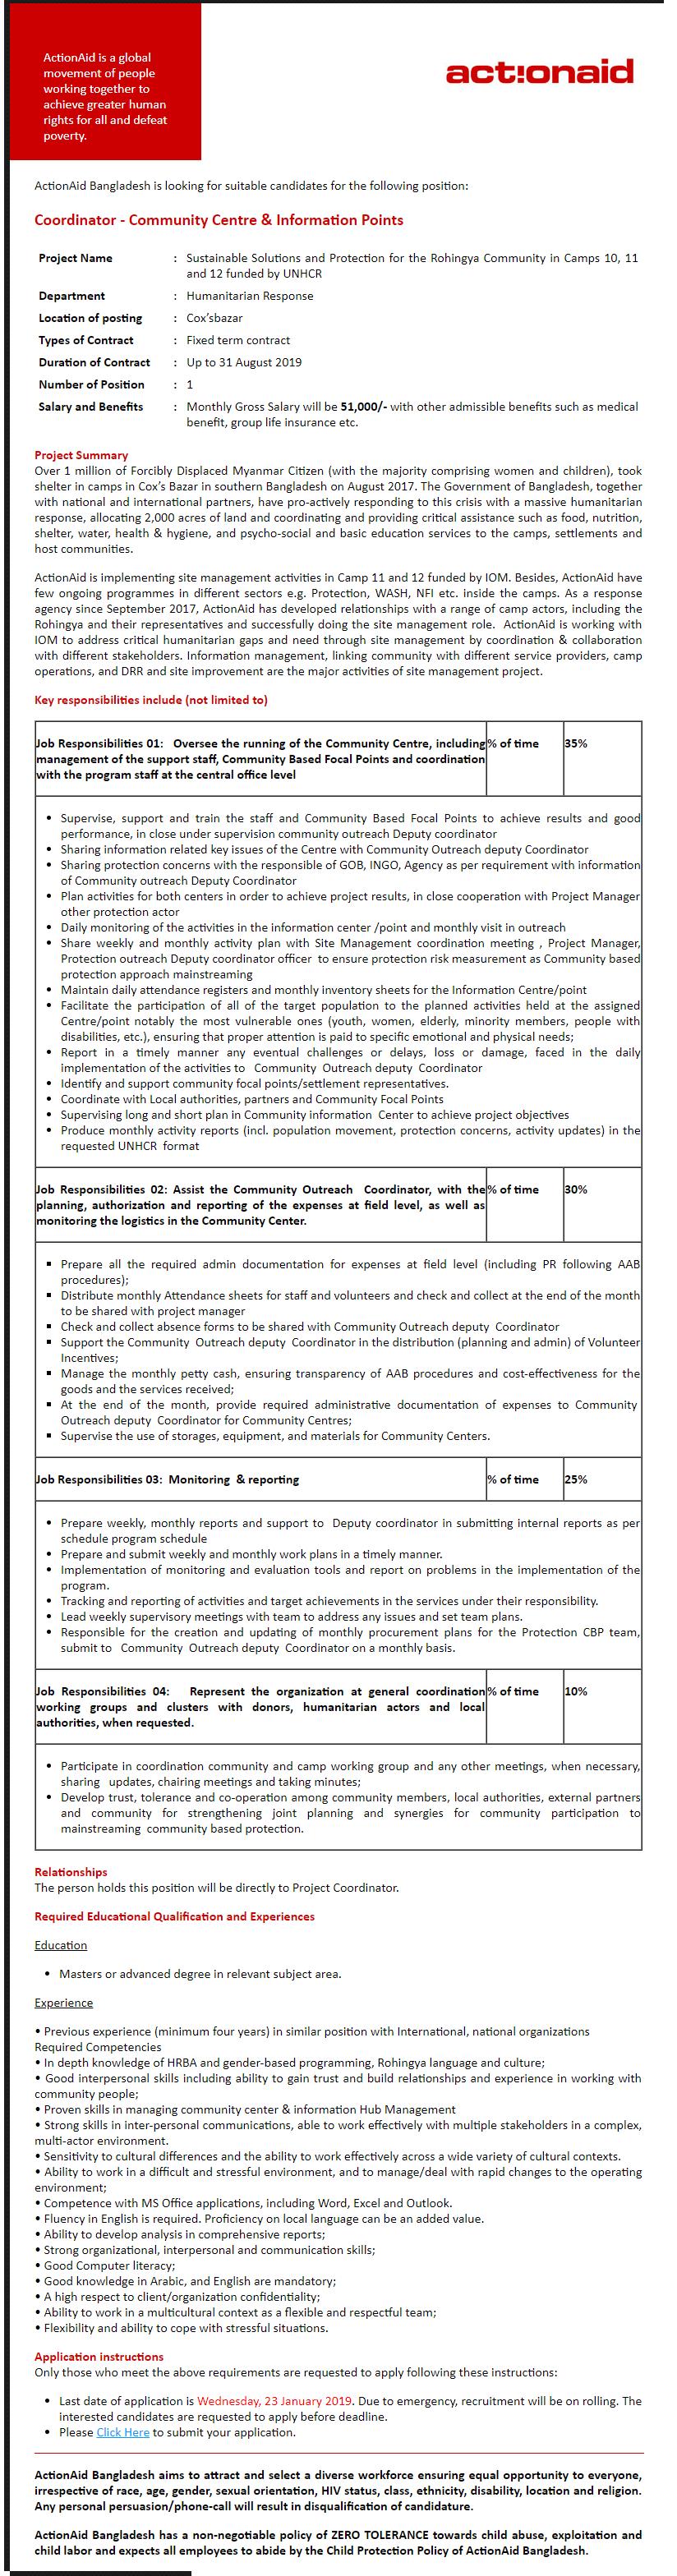 ActionAid Bangladesh Job Circular 2019